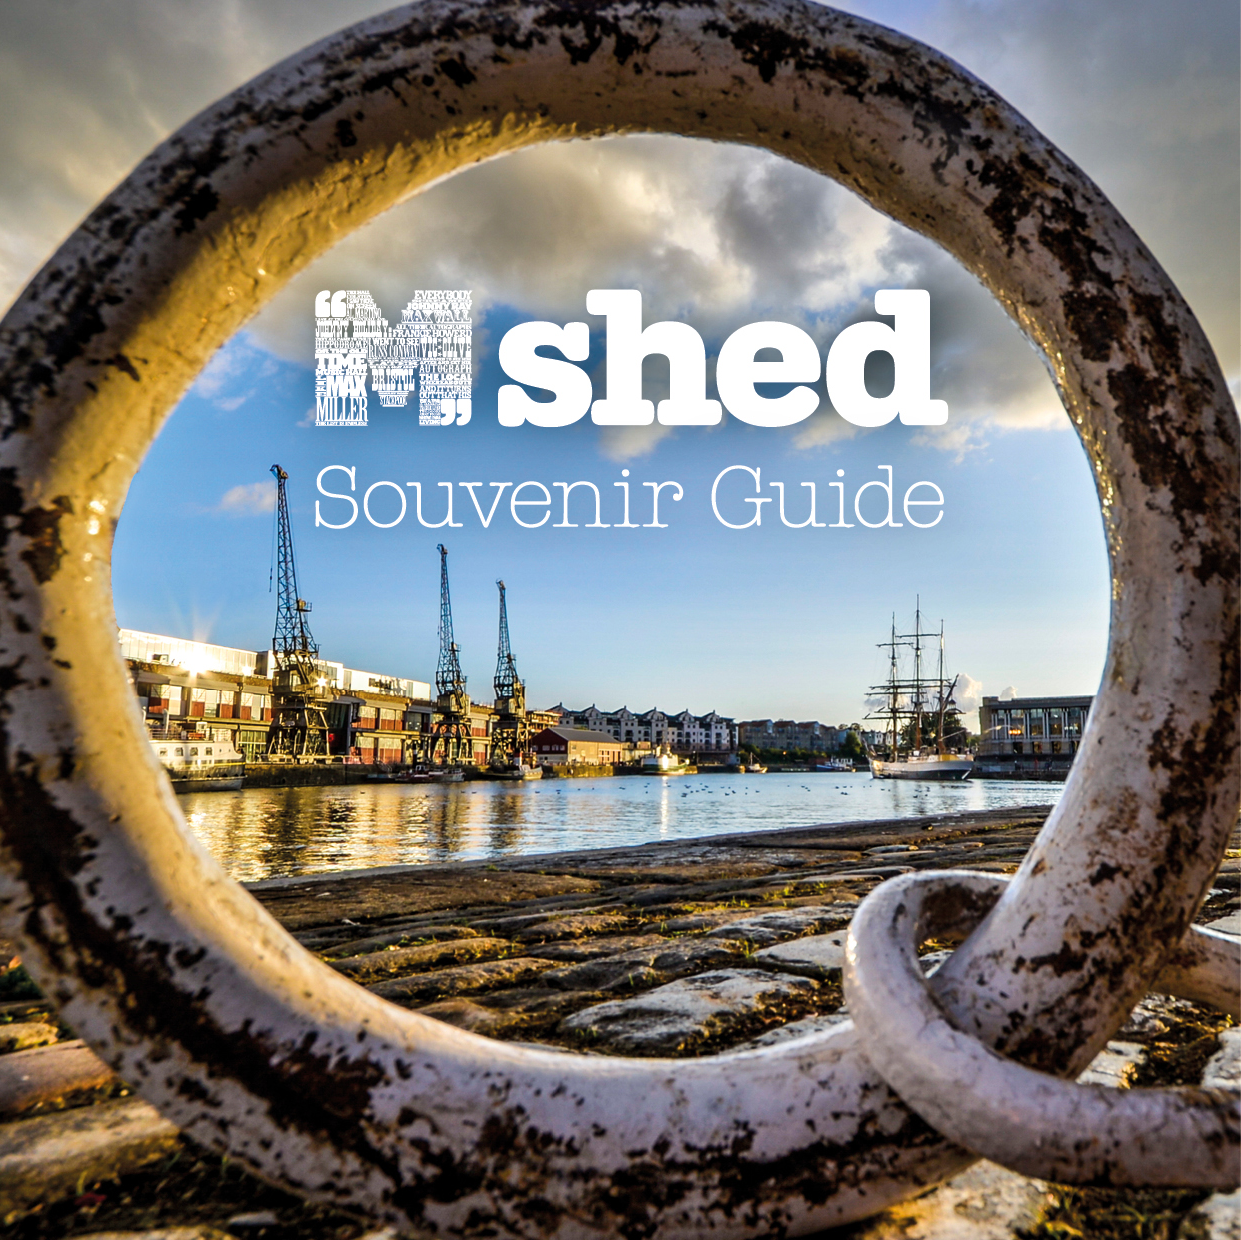 M Shed Souvenir Guide